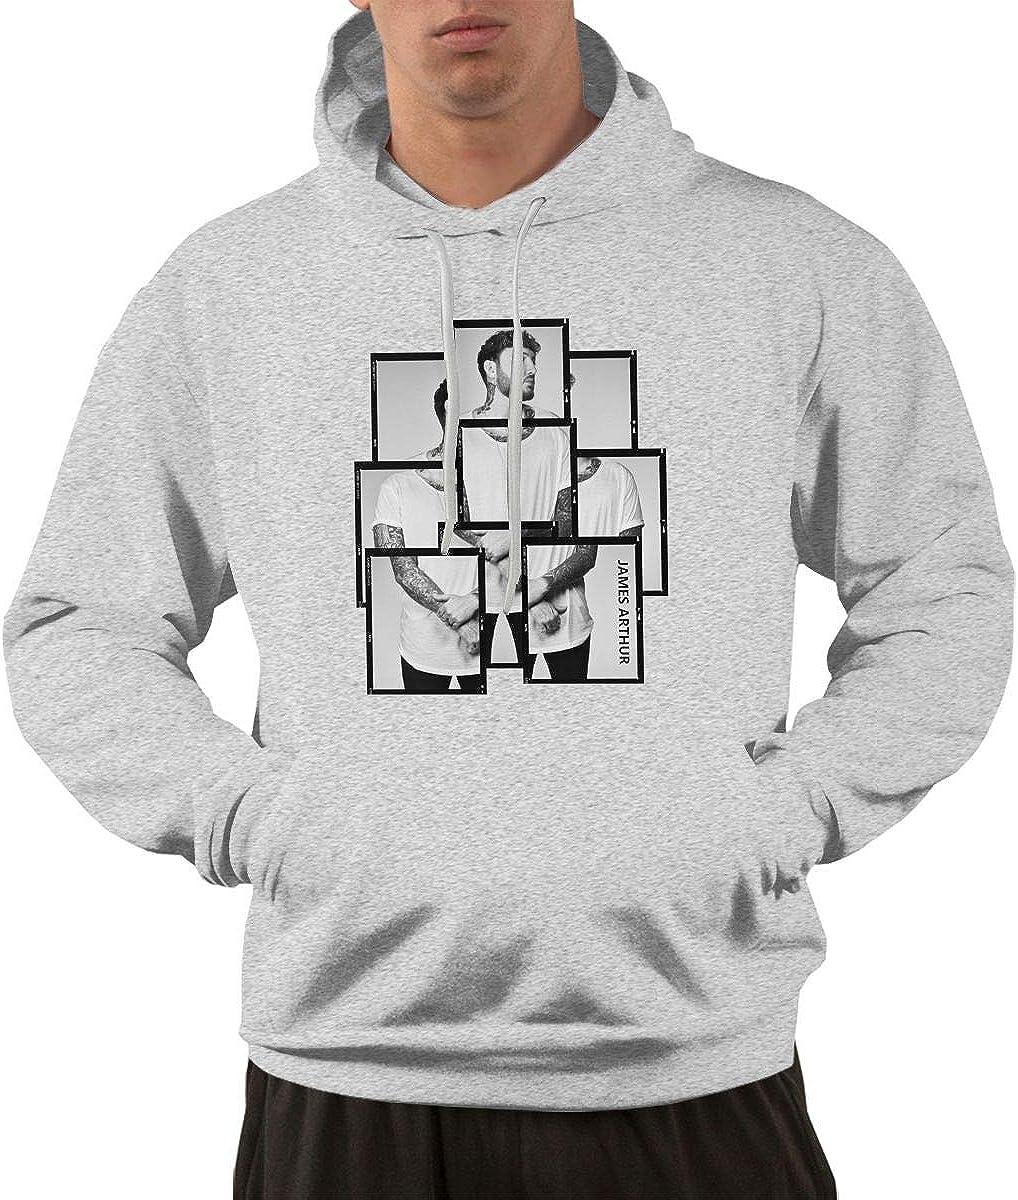 HangHisi James Arthur Mens Hoodie Long Sleeve Hooded Pocket Sweater Black